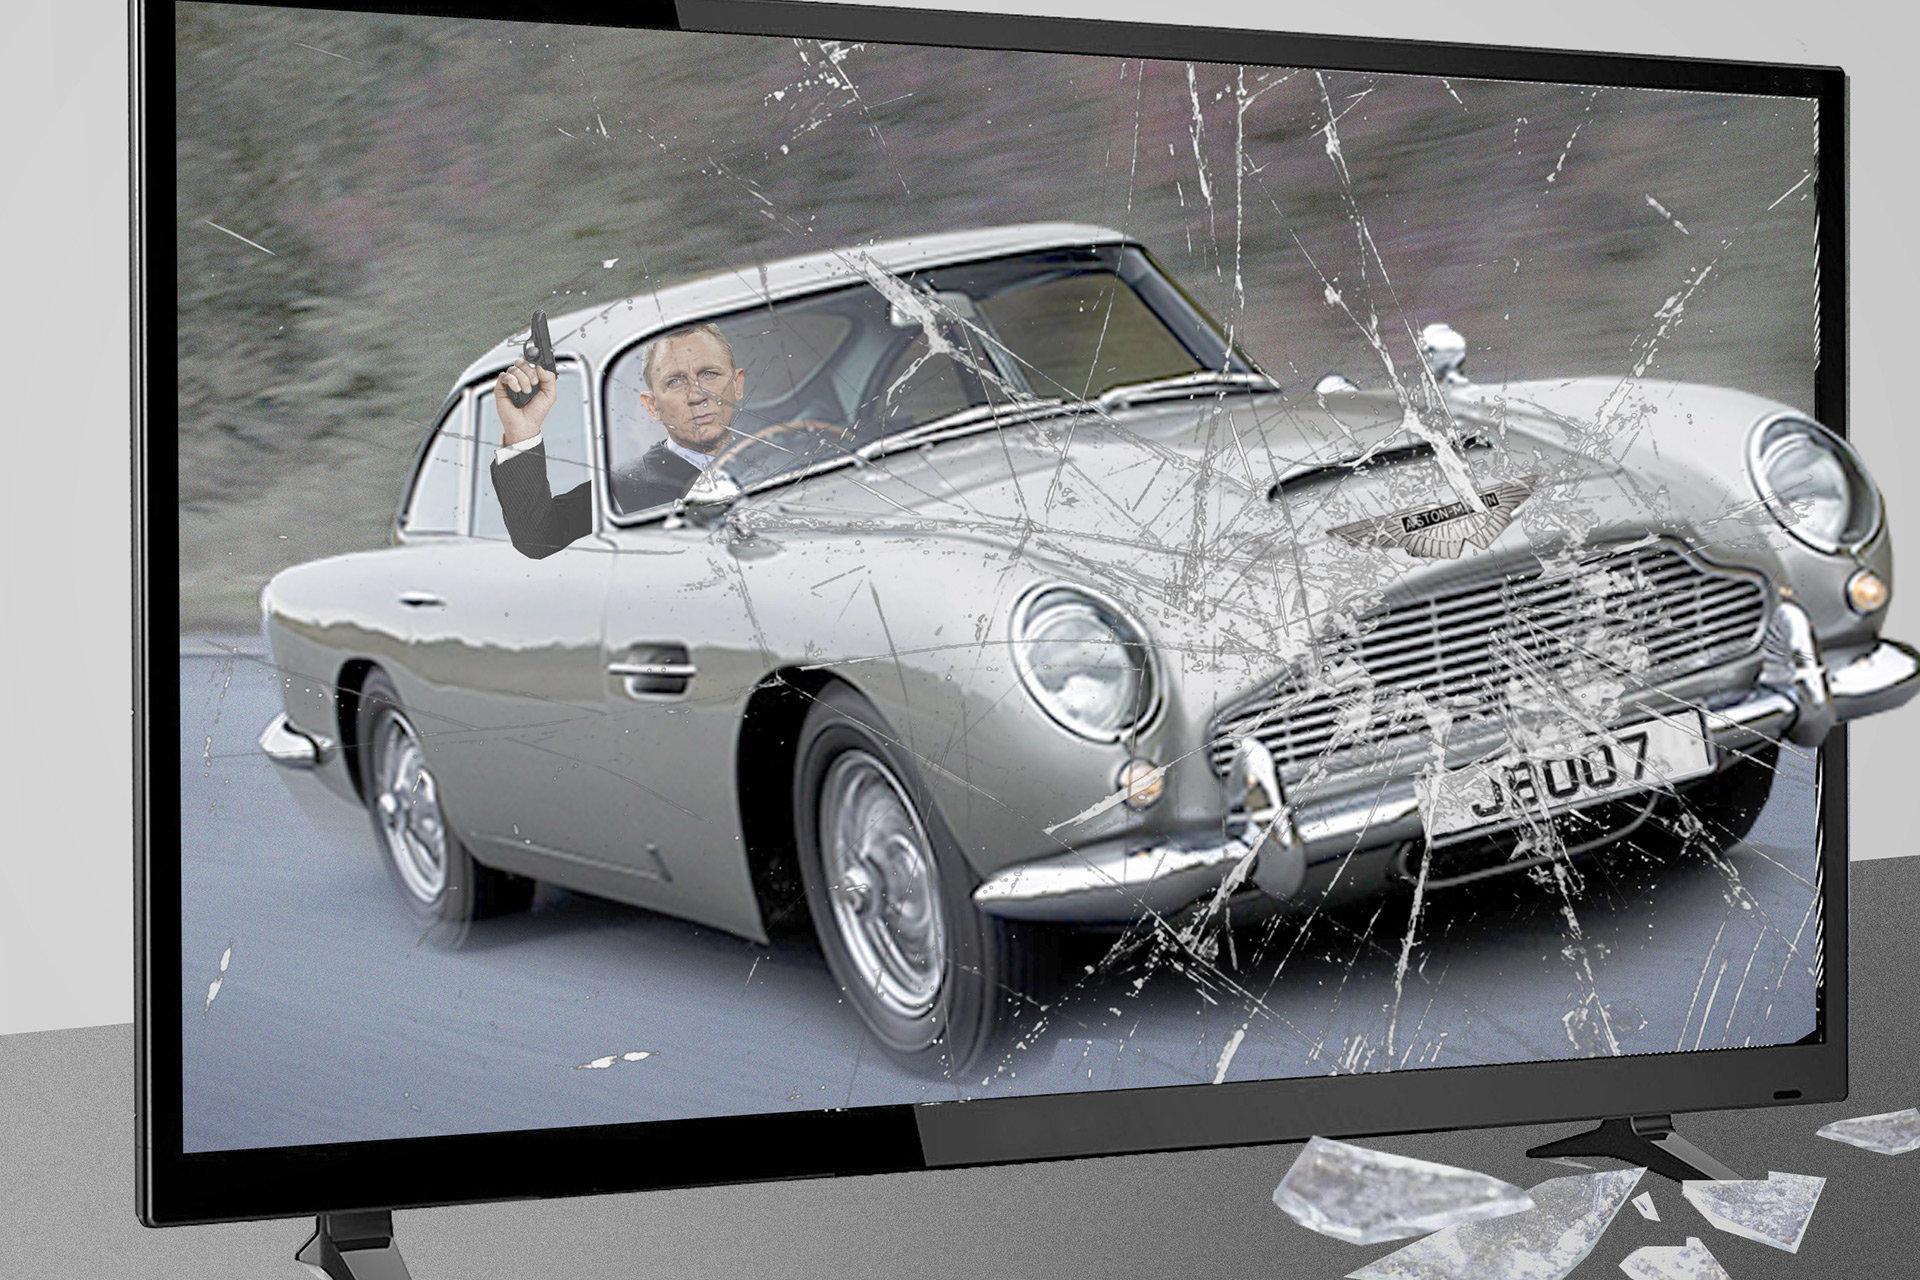 Produktplatzierung im Film James Bond (Collage: Renke Brandt)